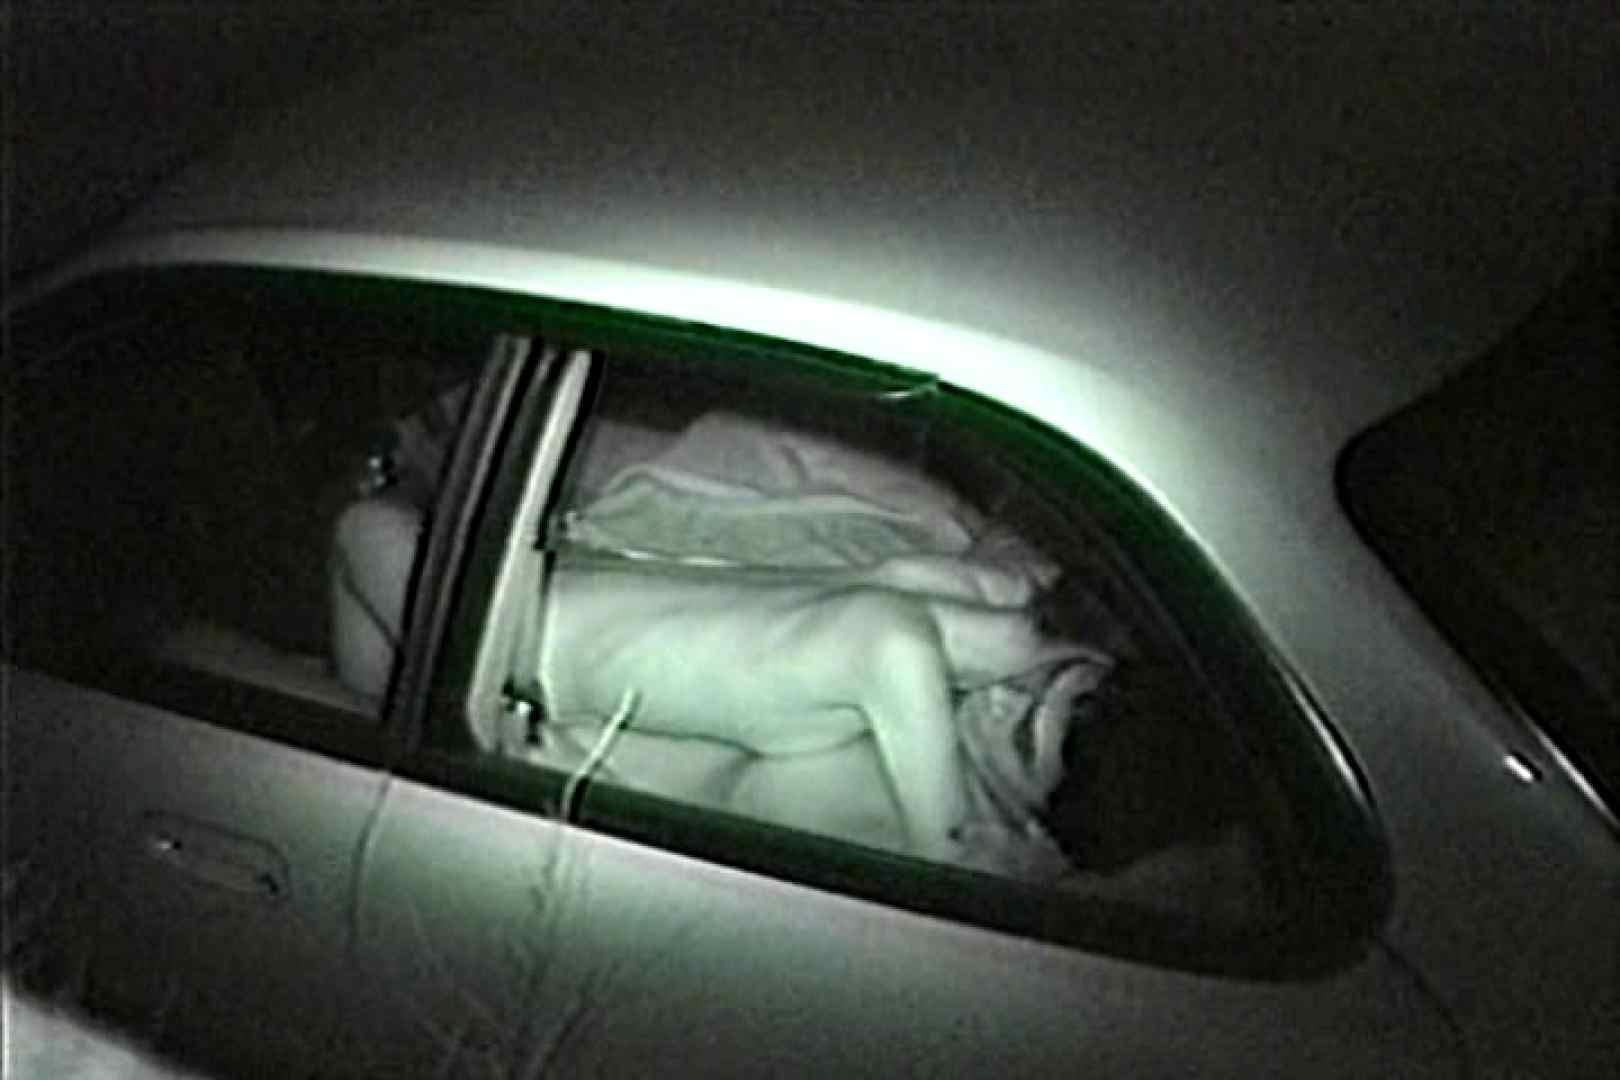 車の中はラブホテル 無修正版  Vol.7 HなOL ヌード画像 81pic 2